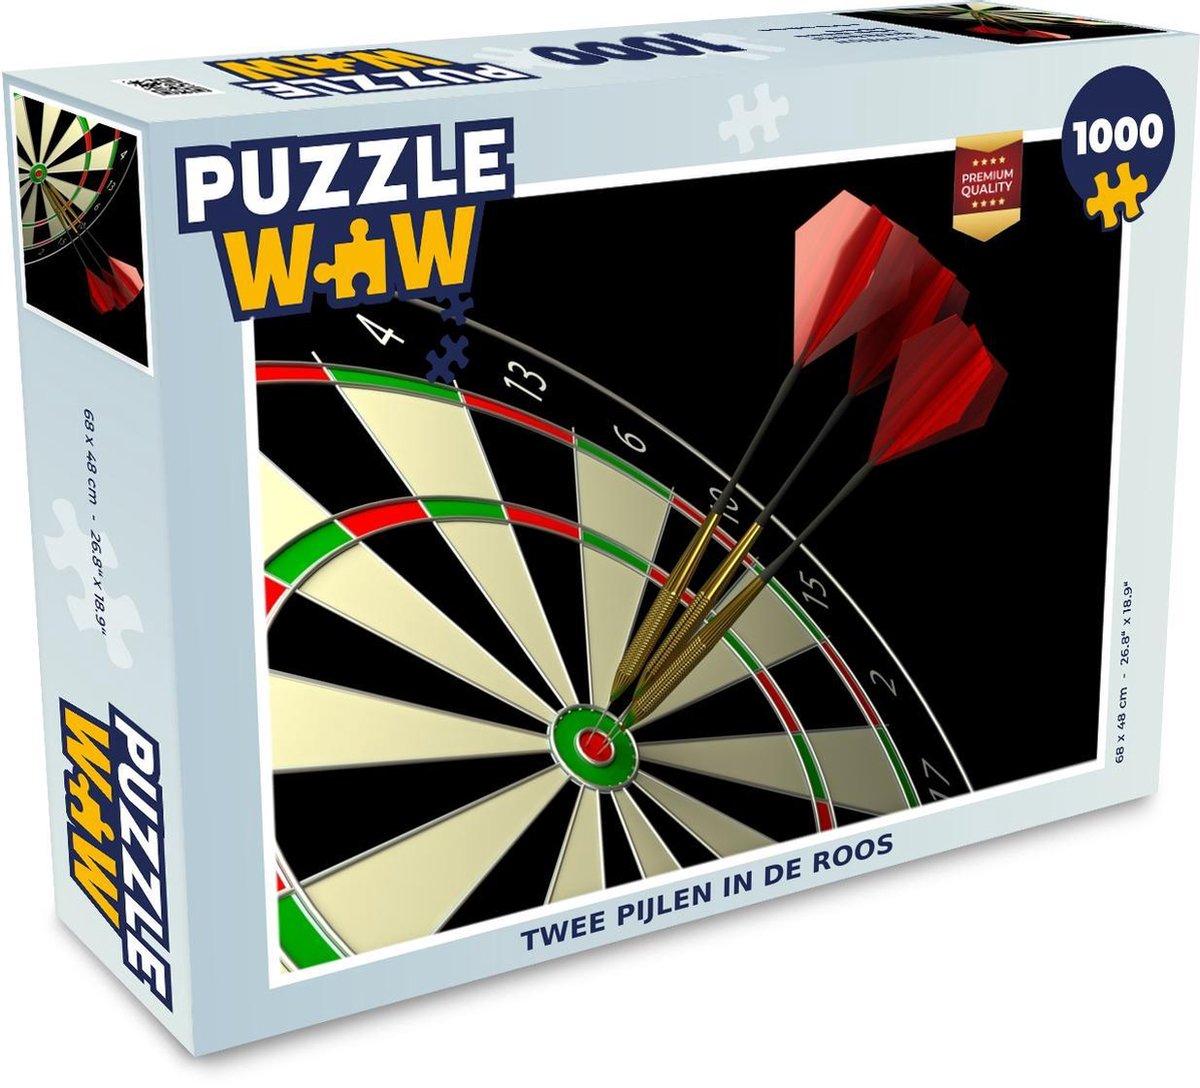 Puzzel 1000 stukjes volwassenen Darten 1000 stukjes - Twee pijlen in de roos - PuzzleWow heeft +100000 puzzels